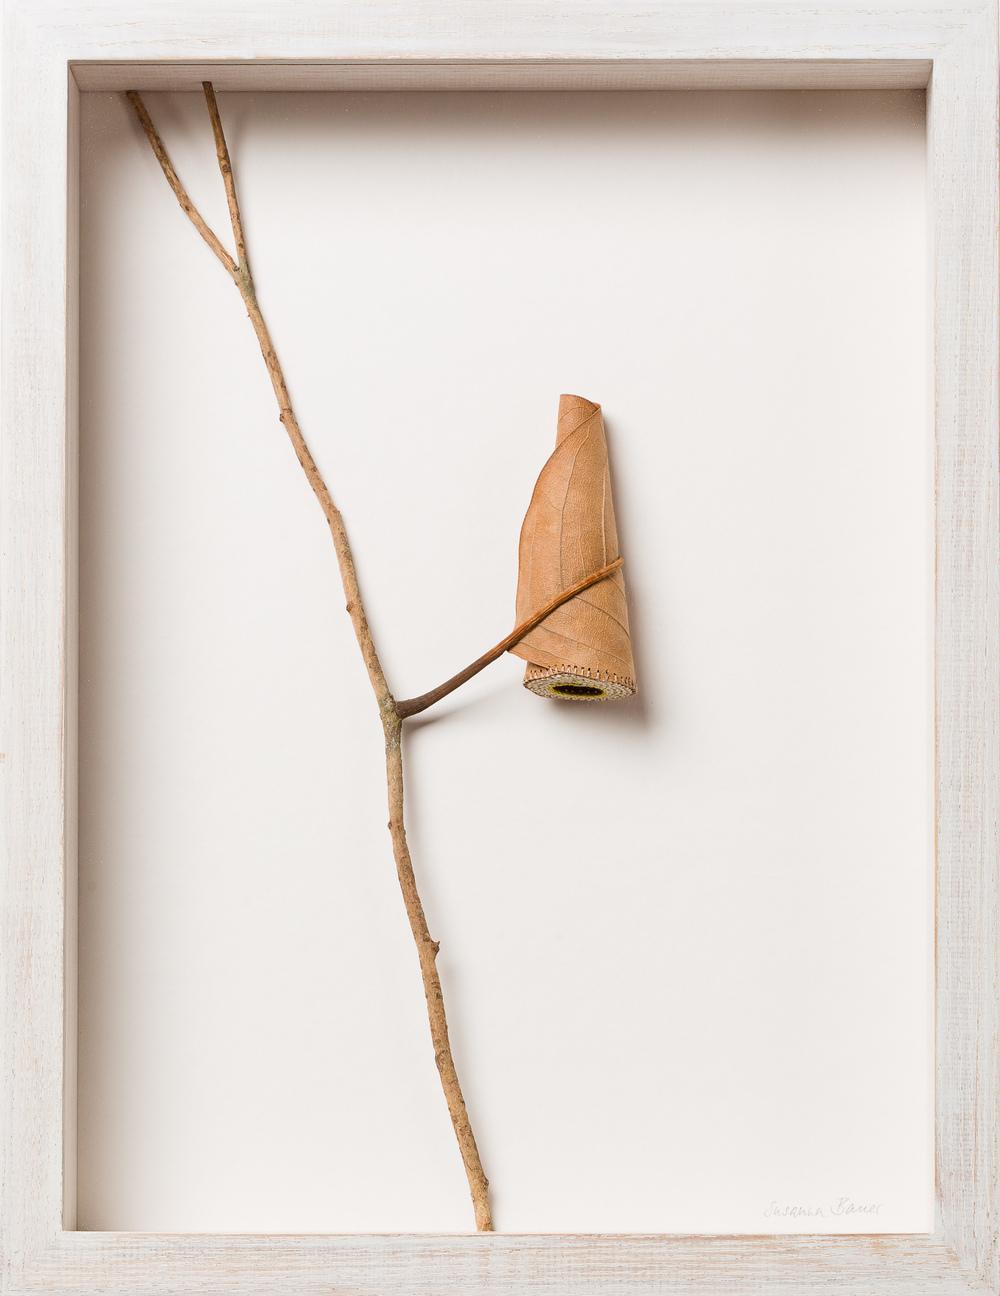 Susanna Bauer Keep I 34.2 x 26.3 x 5 cm magnolia leaf & cotton yarn  SOLD